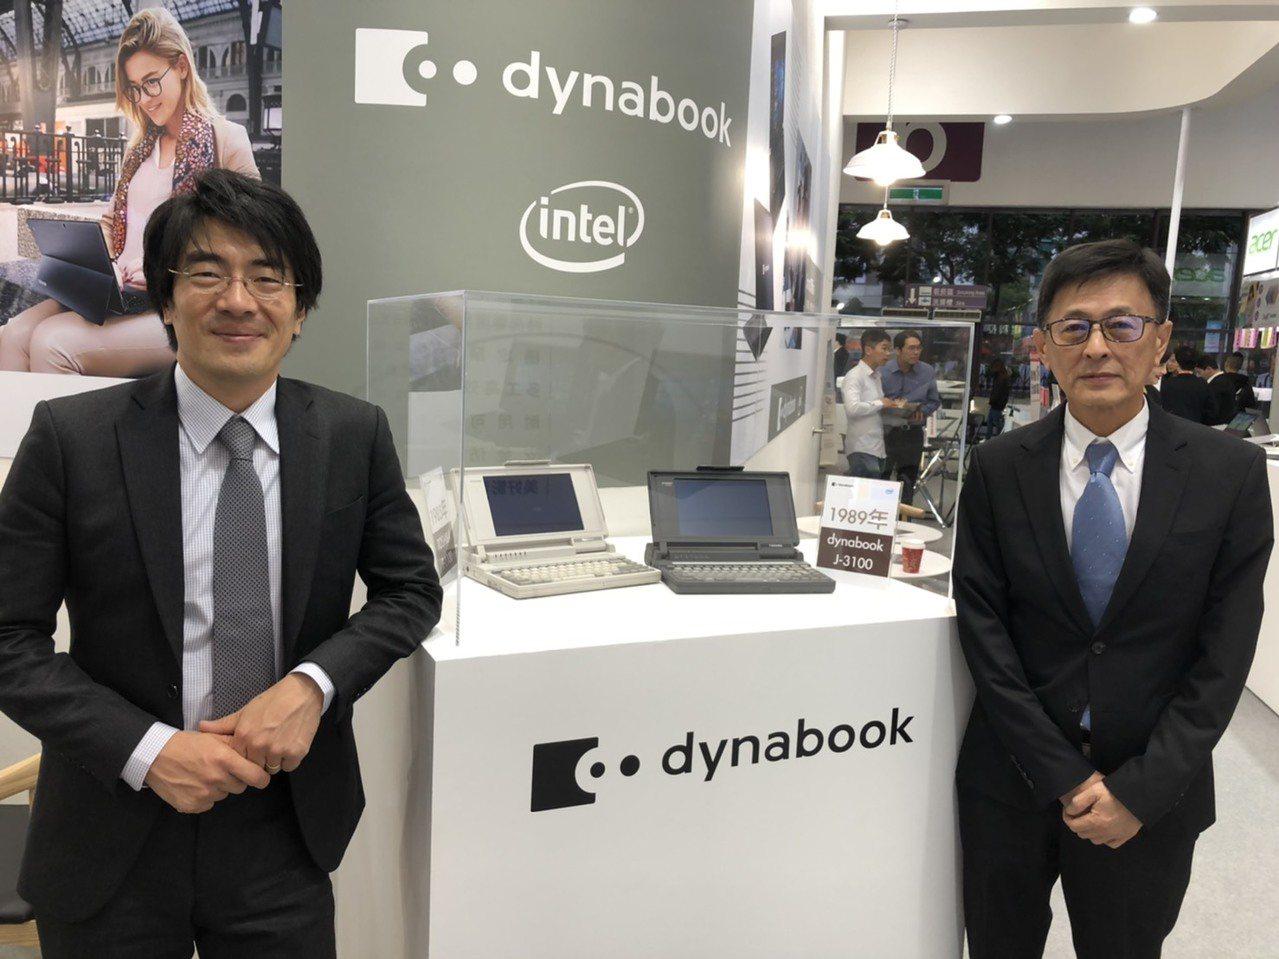 夏普旗下的Dynabook在資訊月展出期間,也將1989 年世界第一台Dynab...